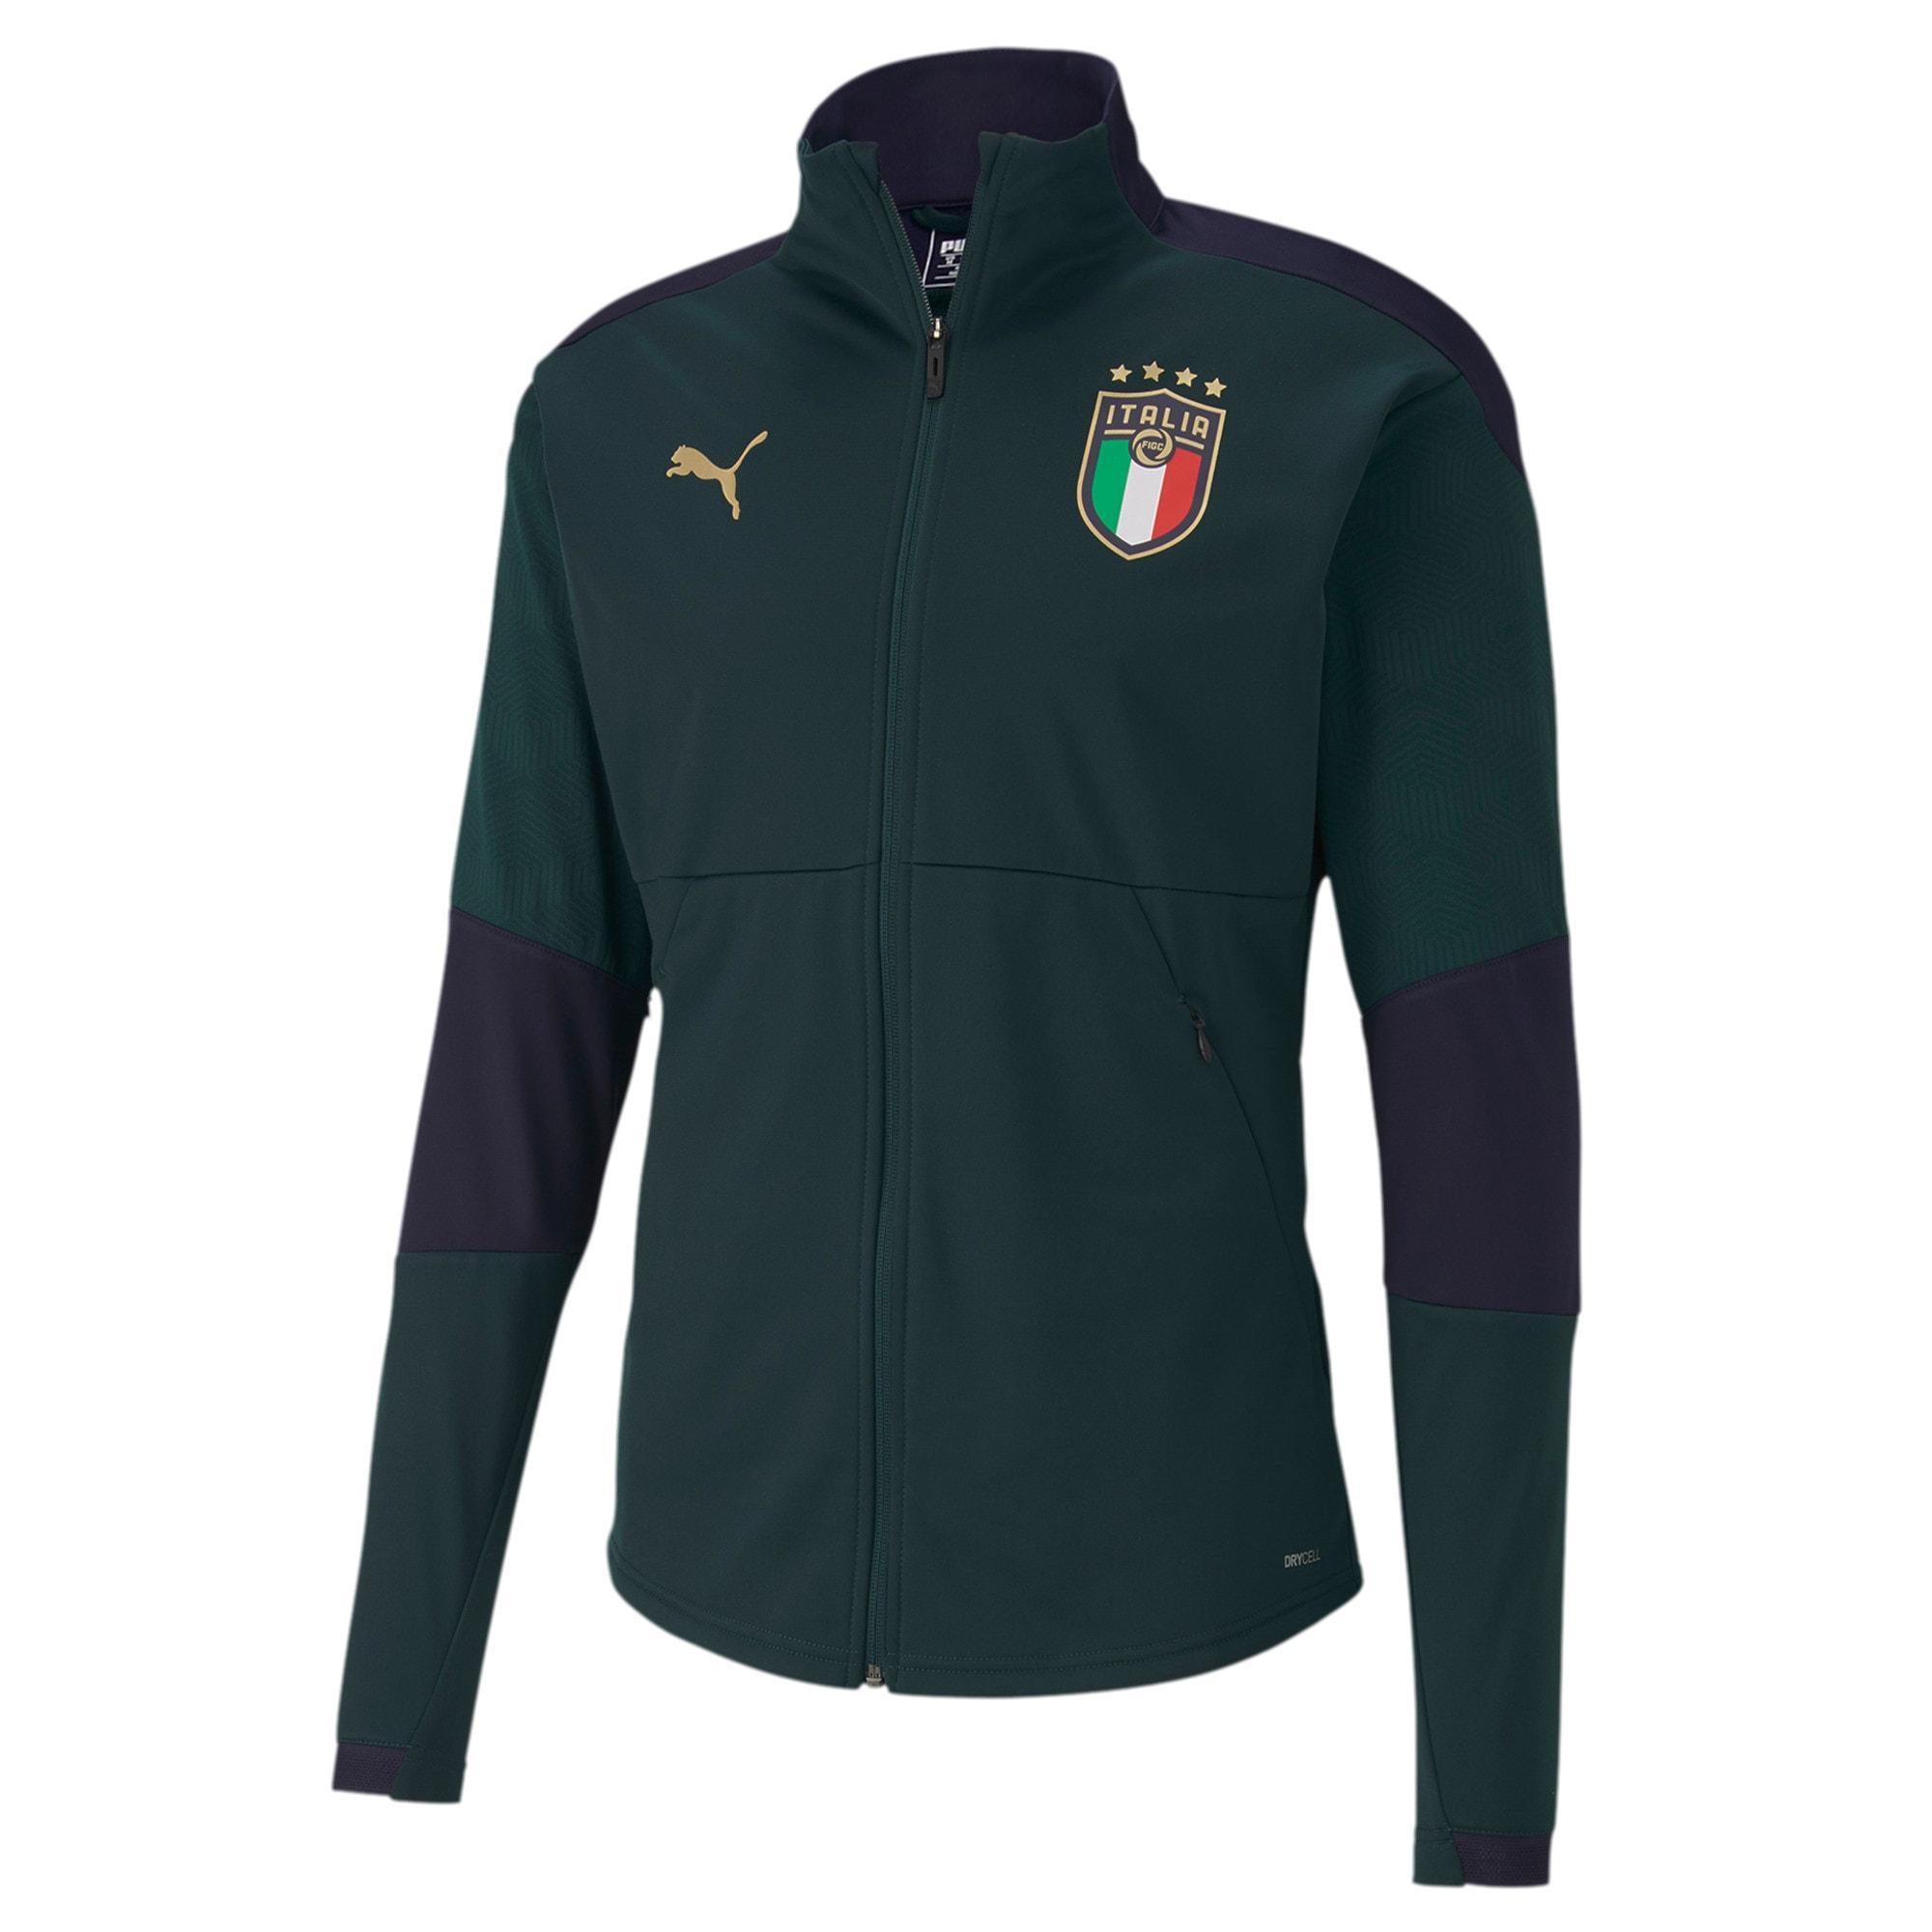 Thumbnail 1 of FIGC イタリア トレーニング ジャケット, Ponderosa Pine-Peacoat, medium-JPN